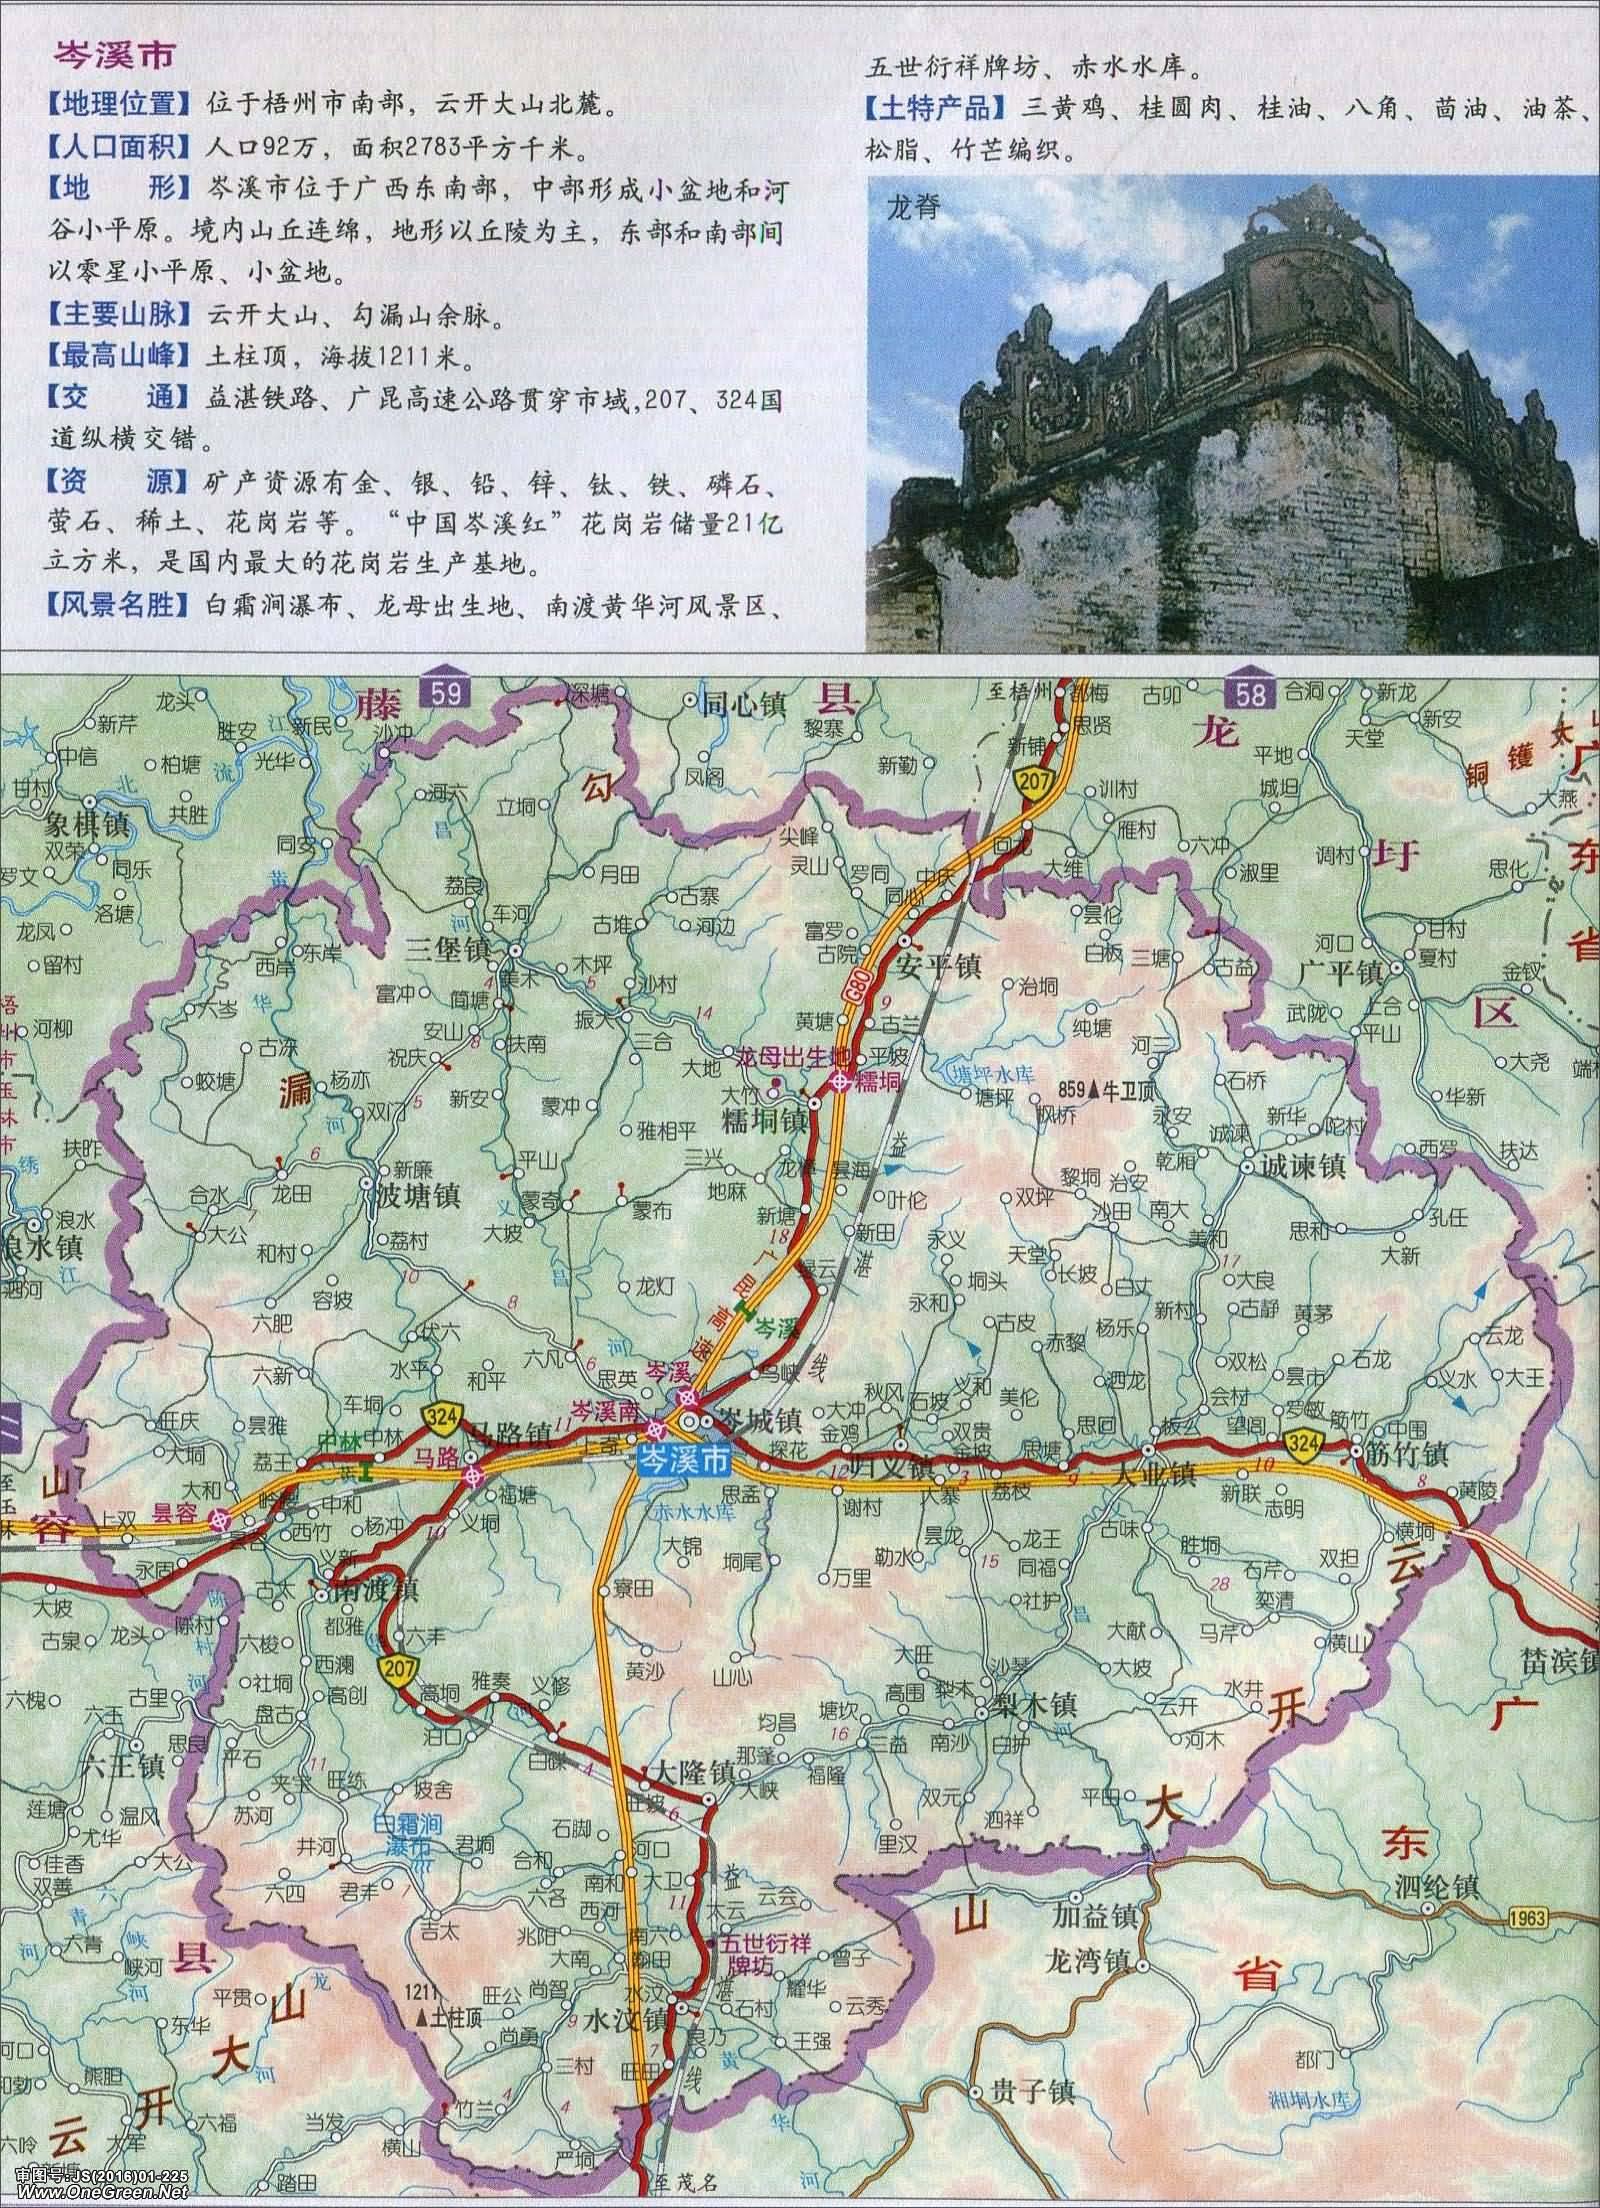 岑溪市地图